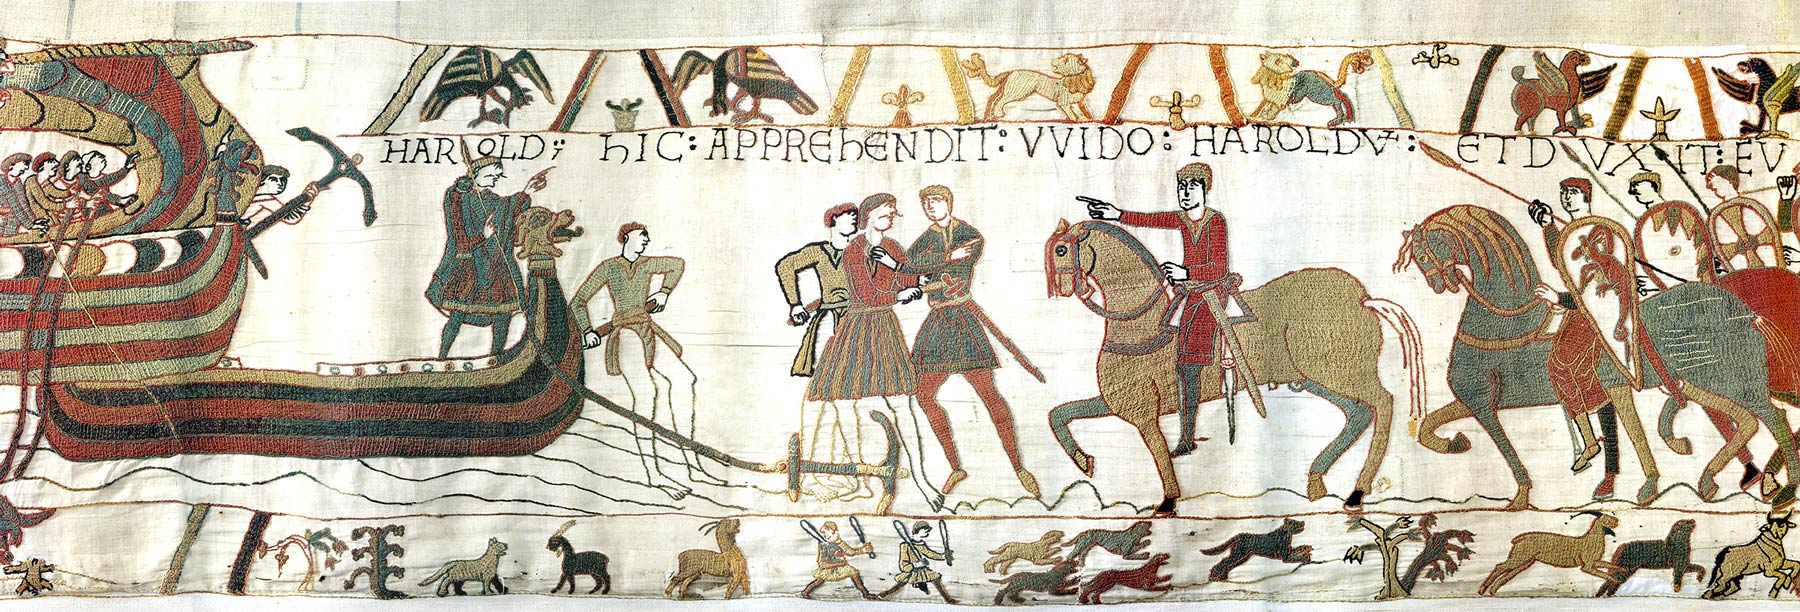 Tapisserie de Bayeux - Harold est emprisonné par Guy